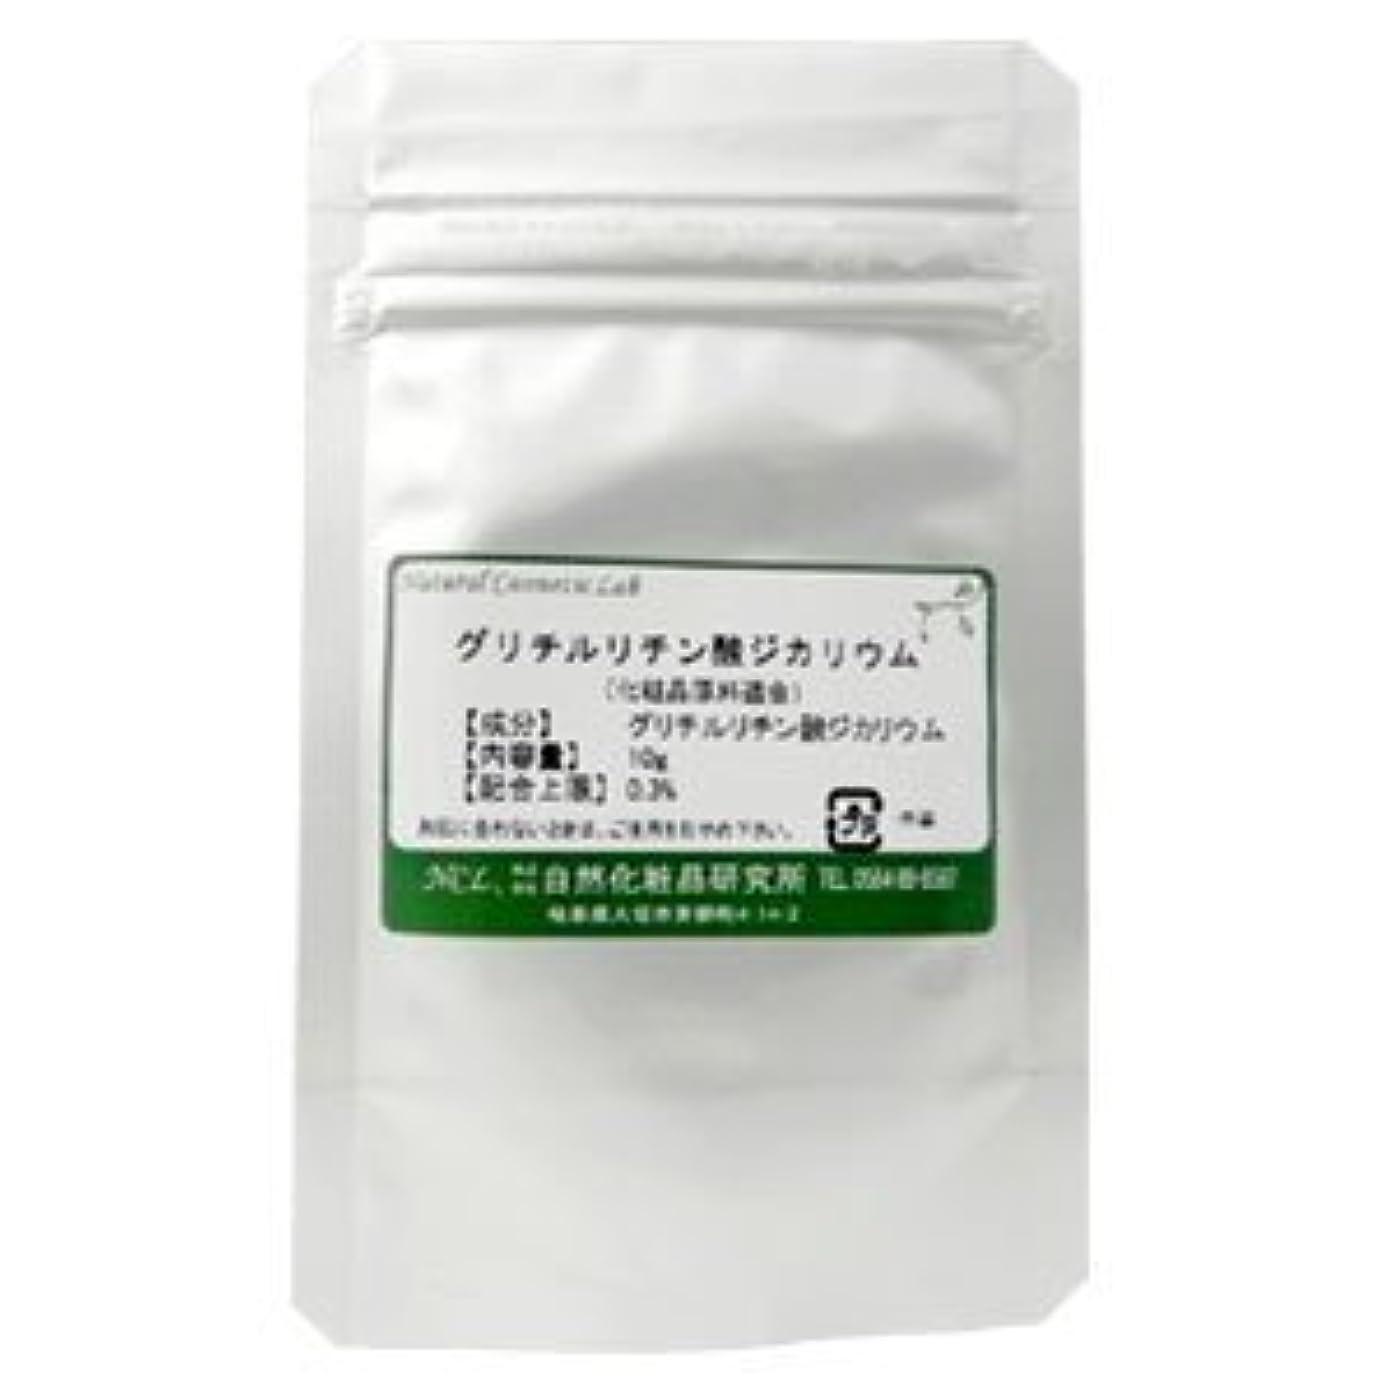 グリチルリチン酸ジカリウム (グリチルリチン酸2K) カンゾウ(甘草) 10g 【手作り化粧品原料】